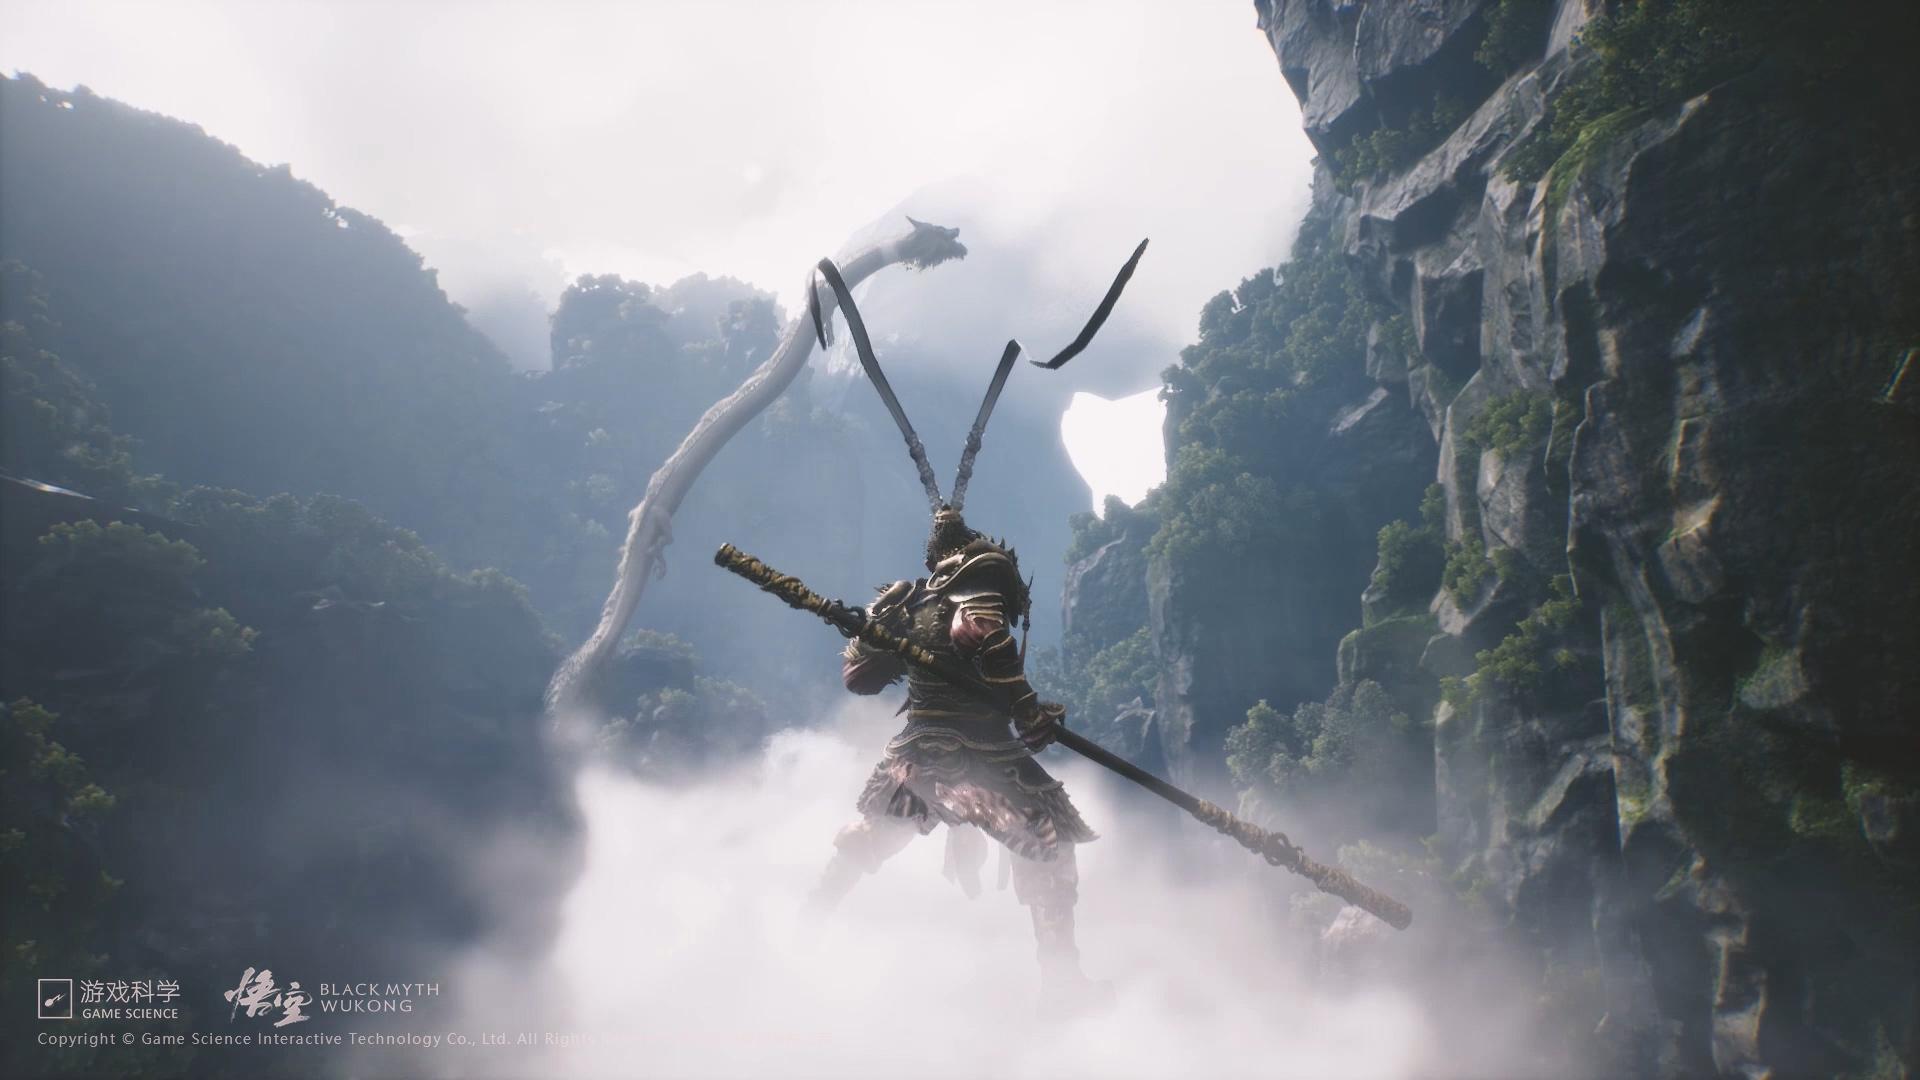 Black Myth: Wu Kong annunciato per Console e PC 9